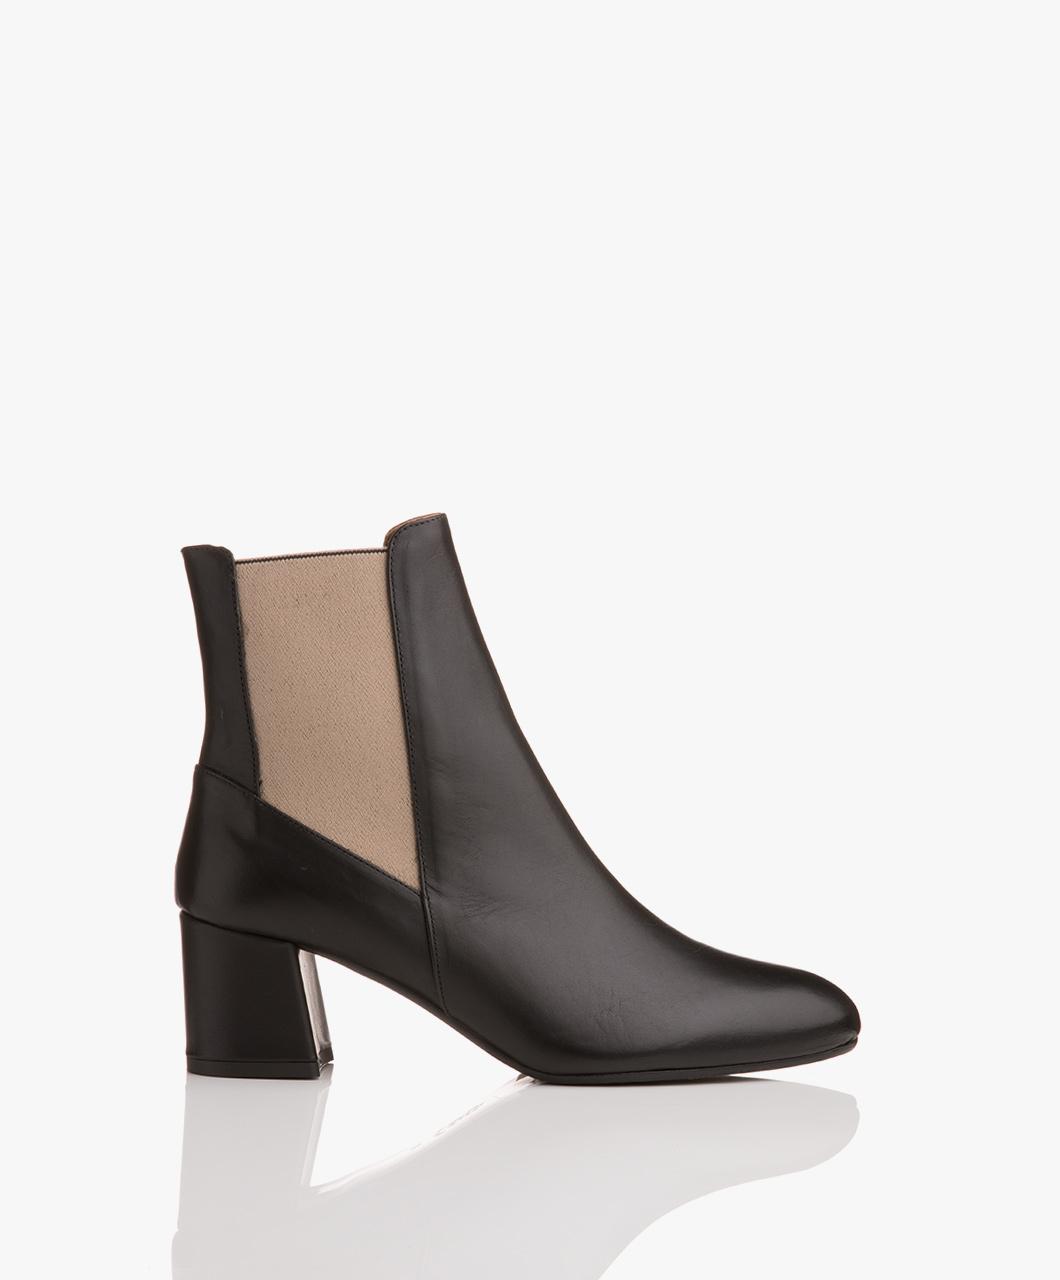 Immagine di ATP Atelier Boots Altea Leather Ankle in Black Vacchetta